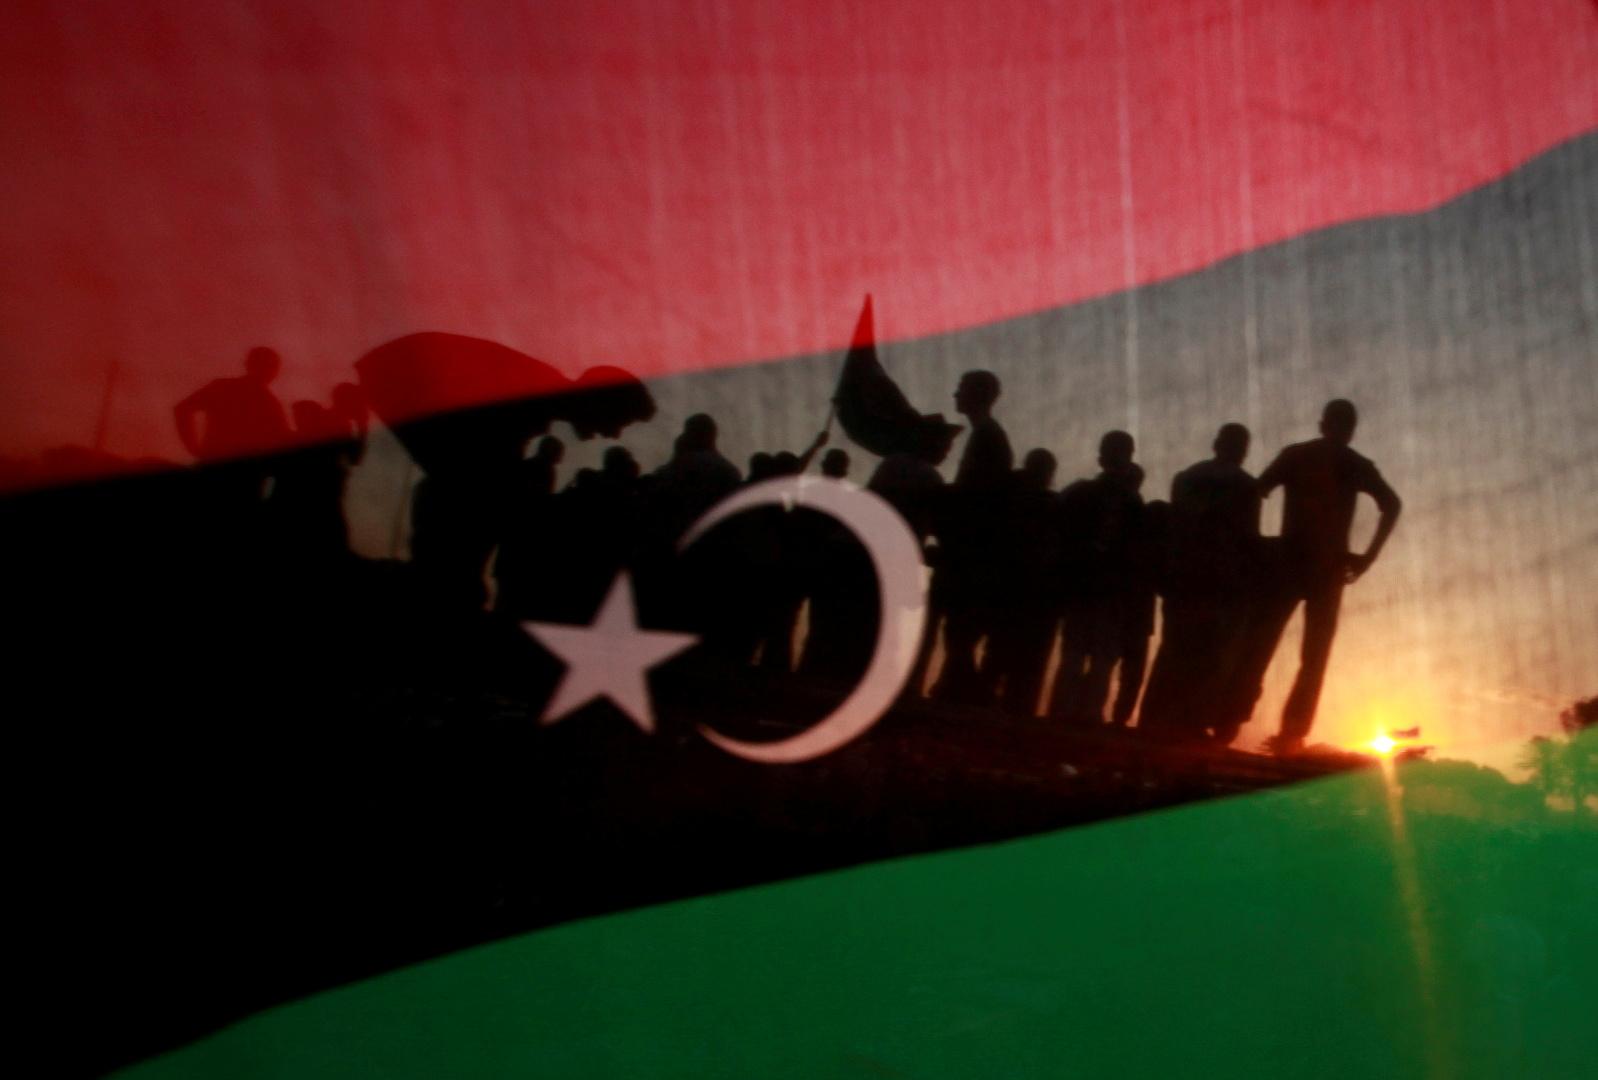 الإفراج في ليبيا عن دفعة جديدة من الأسرى بين طرفي النزاع في حرب طرابلس